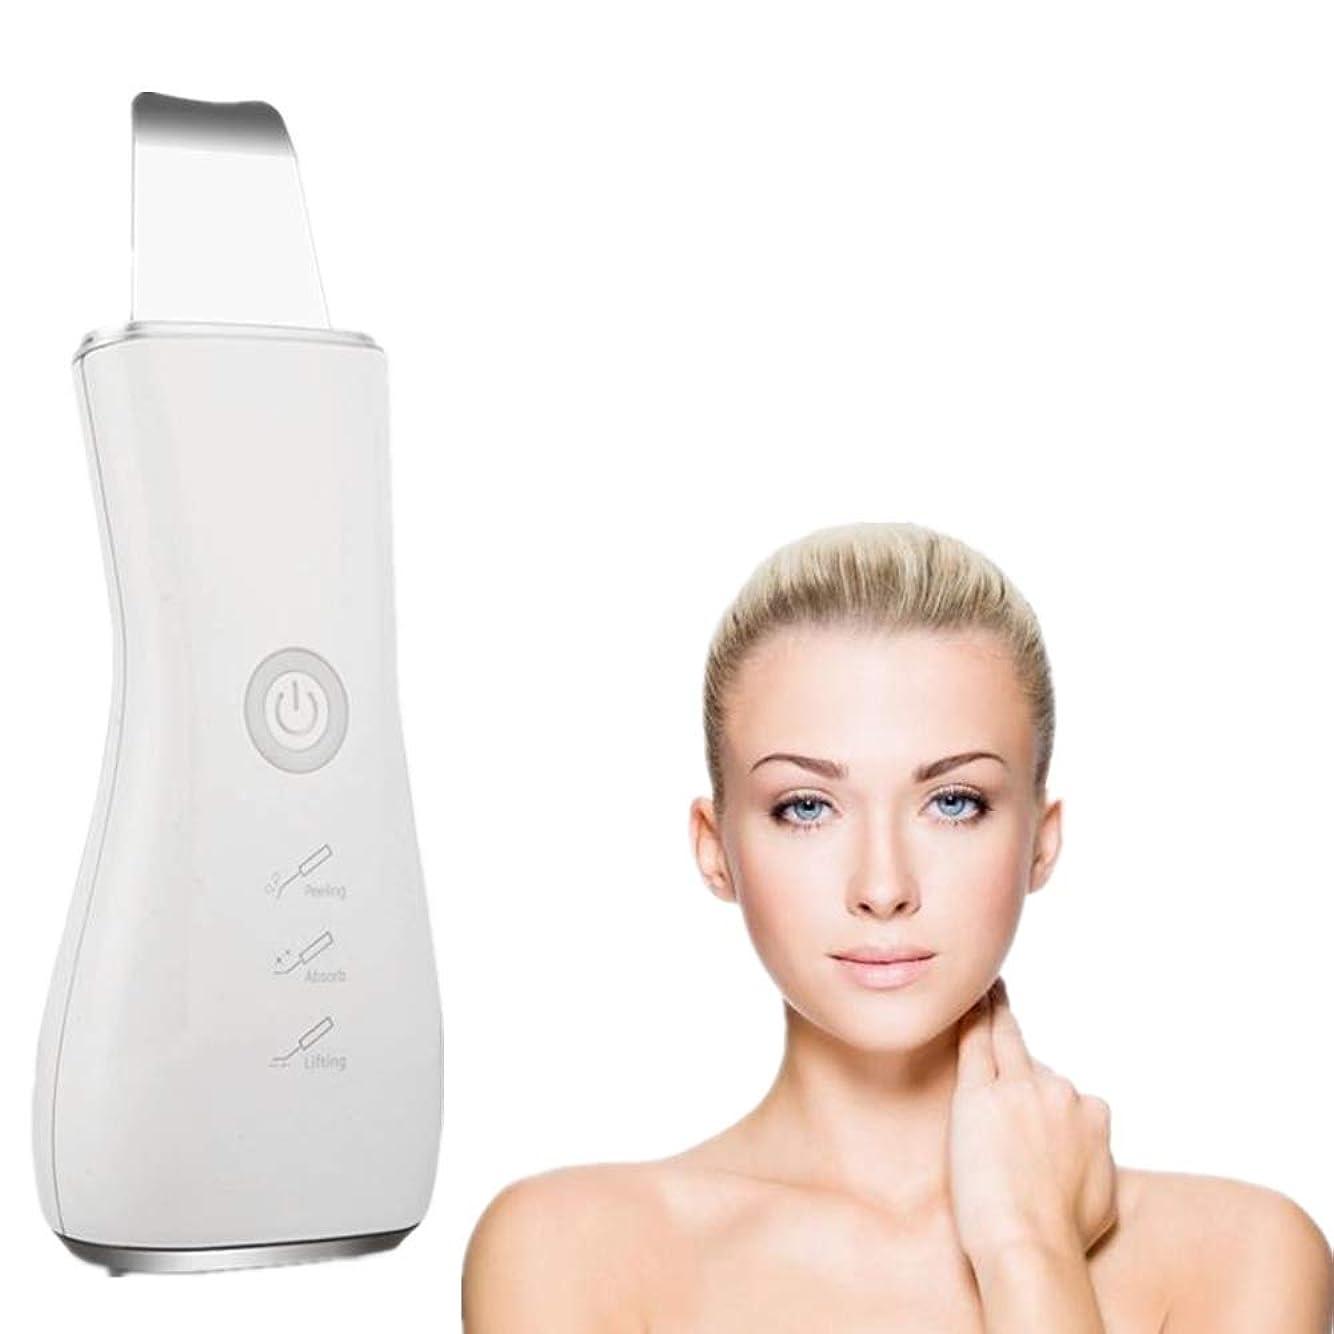 境界買い物に行くオーナメント顔の皮膚スクラバーブラックヘッドリムーバー毛穴充電式スキンスクラバー光子の若返り美容スキンクリーナーEMSクリーニングイオン導入モードUSB充電式美容ツール、シルバー